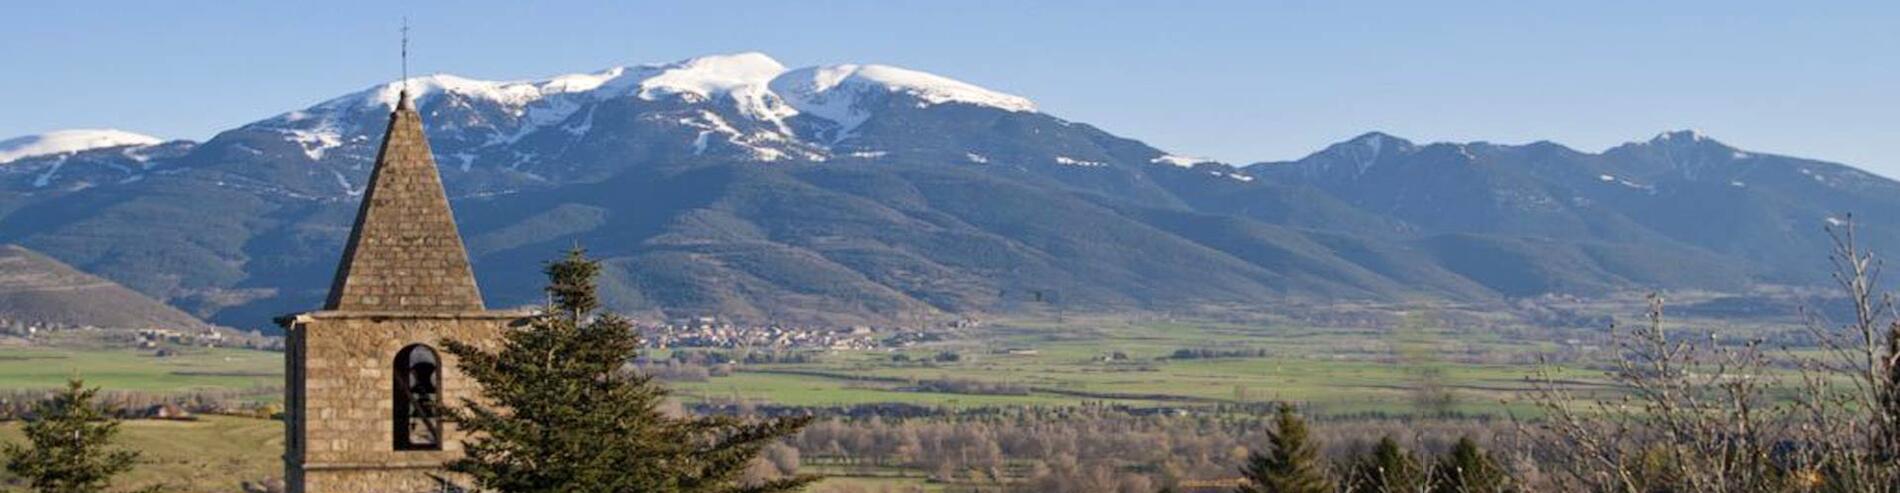 Inmobiliaria en La Cerdanya